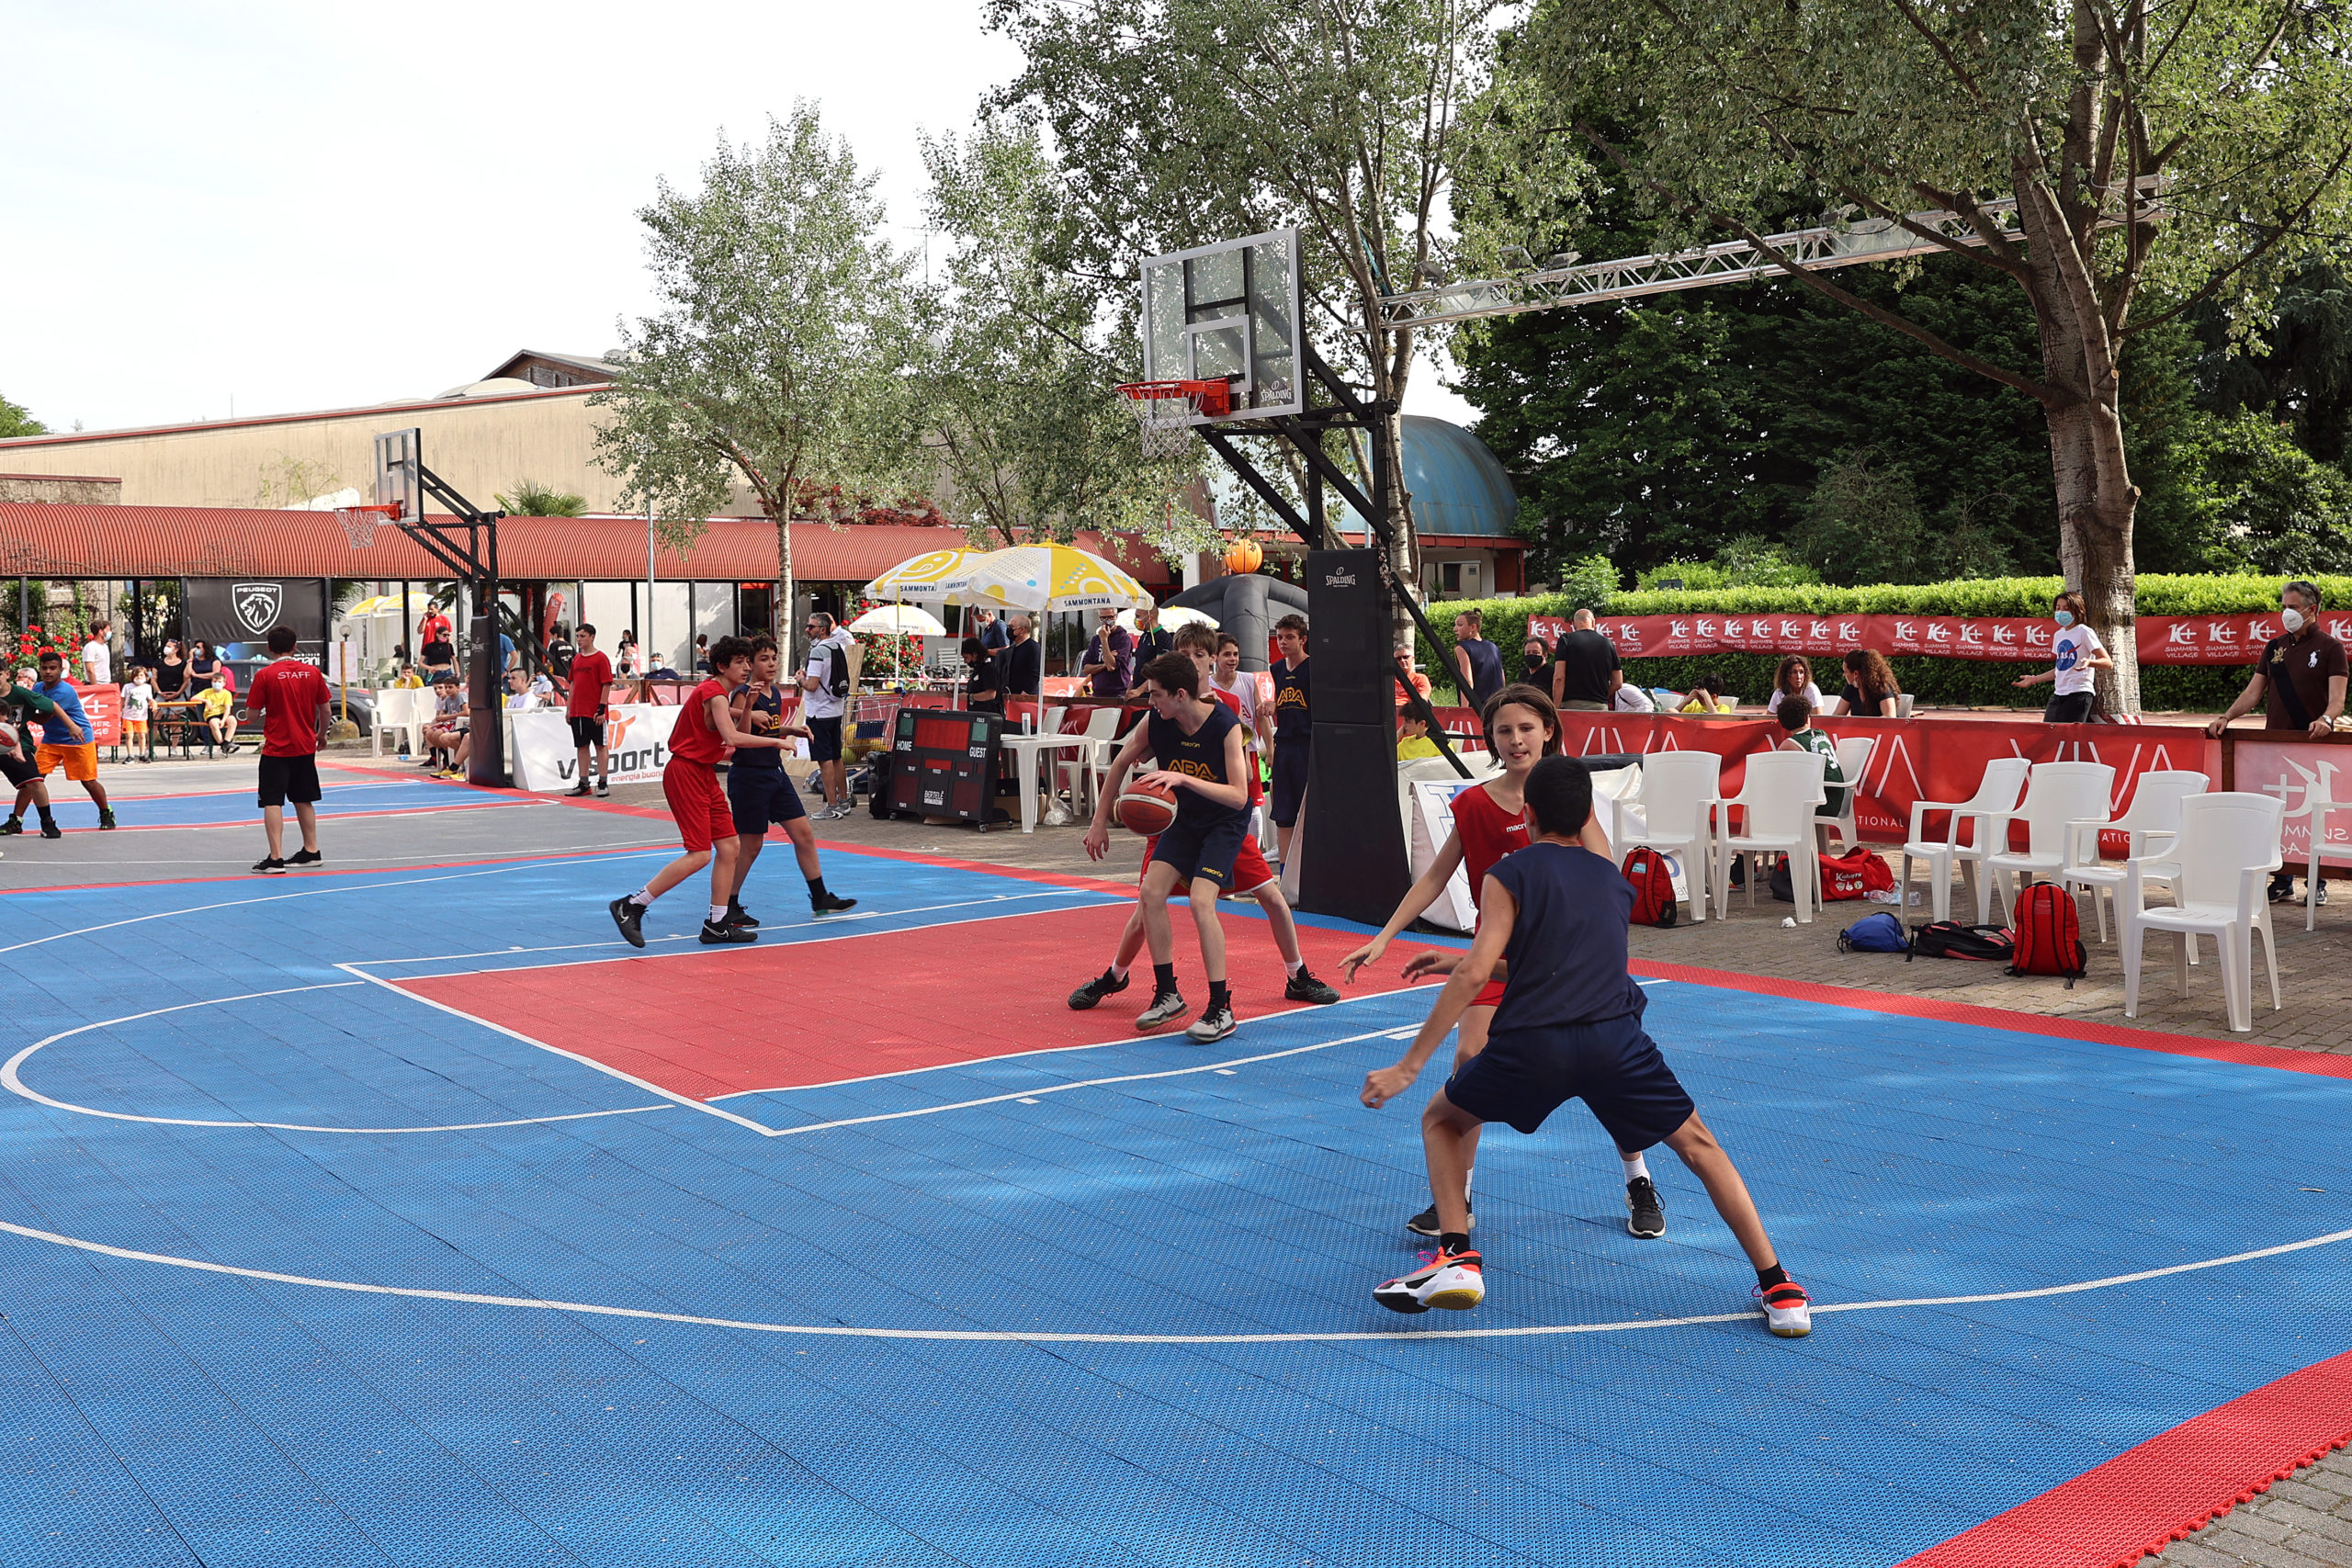 Un bel weekend di basket al K+ S.V. post thumbnail image